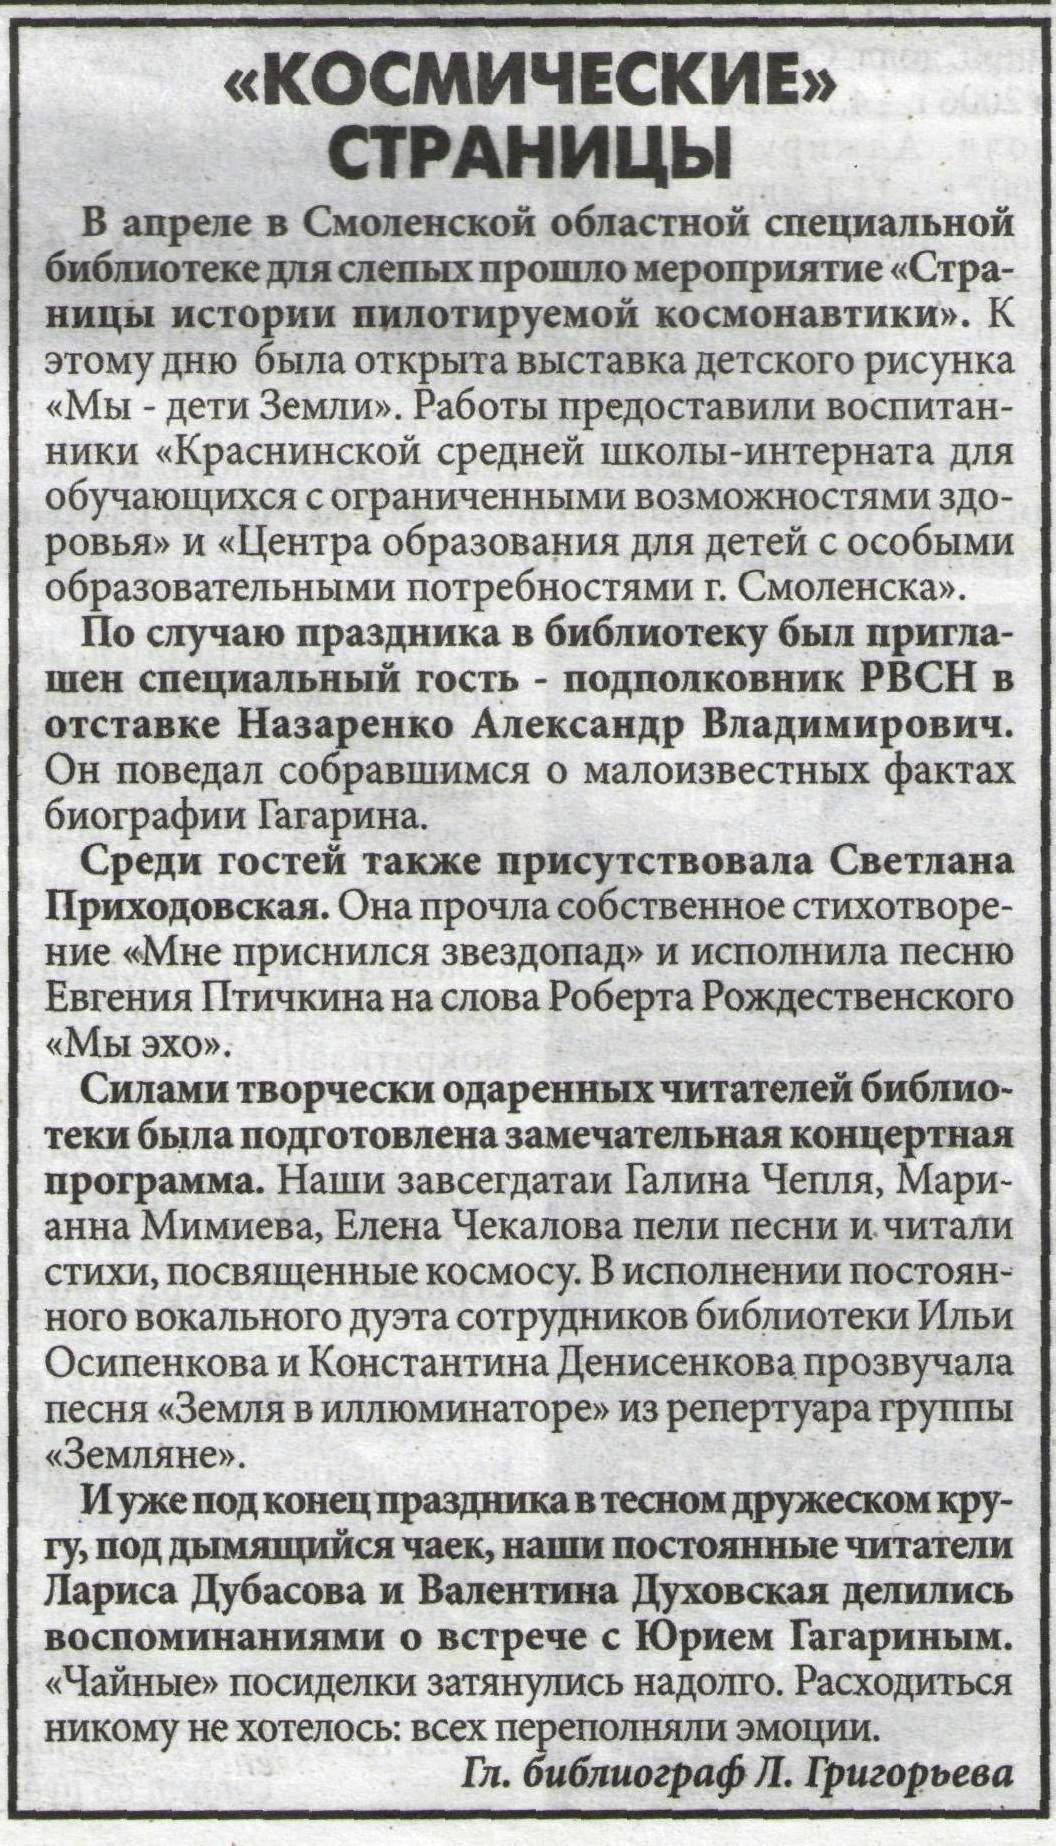 статья пенсионер от 27.04.2016